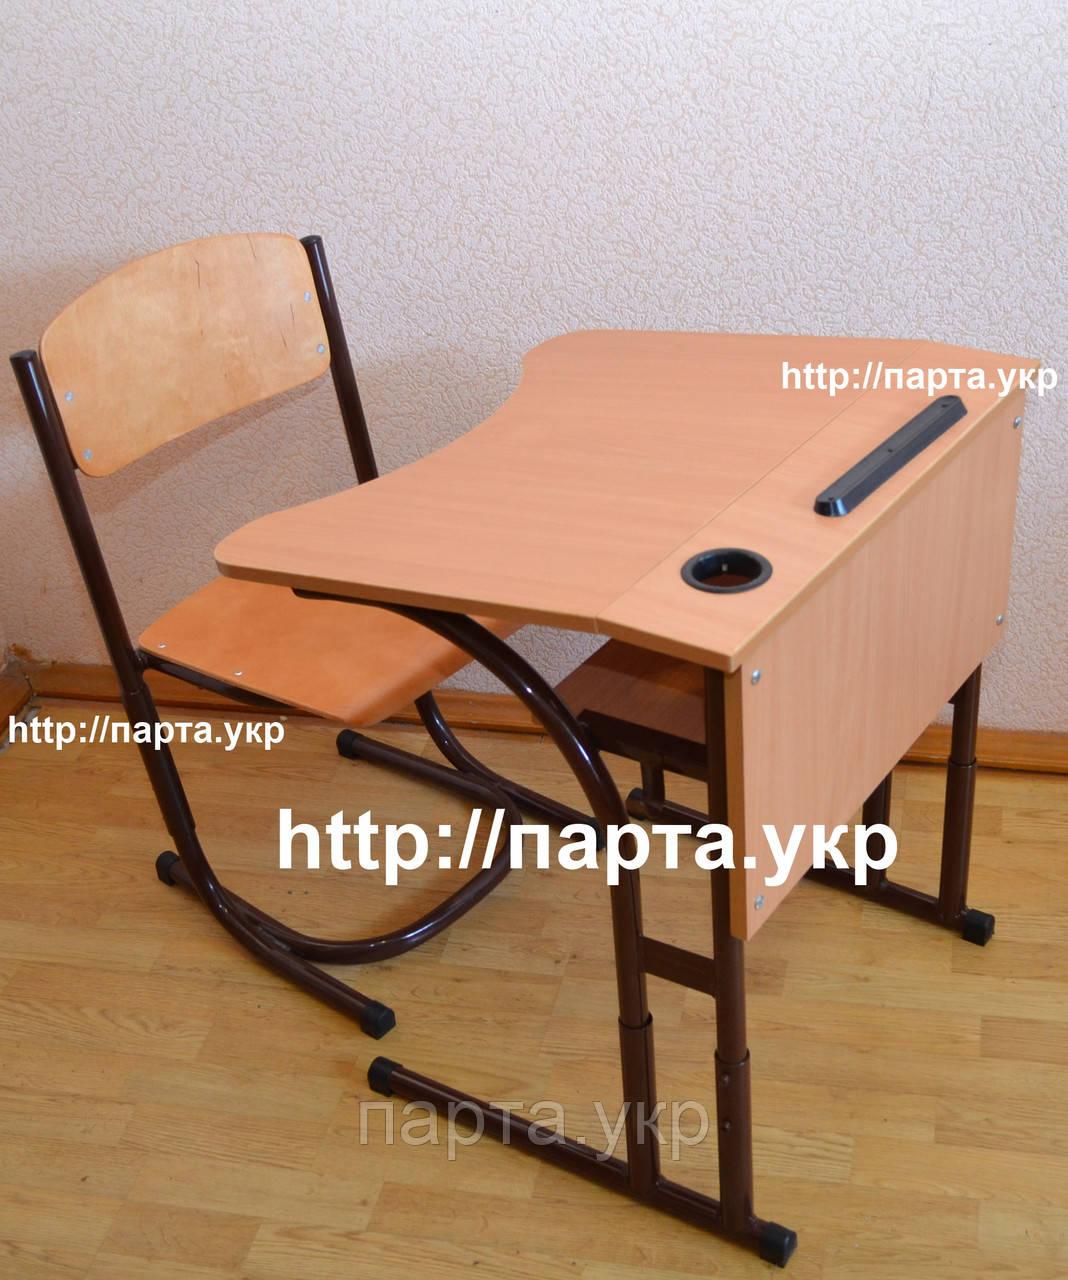 Антисколиозный ученический стол и стул